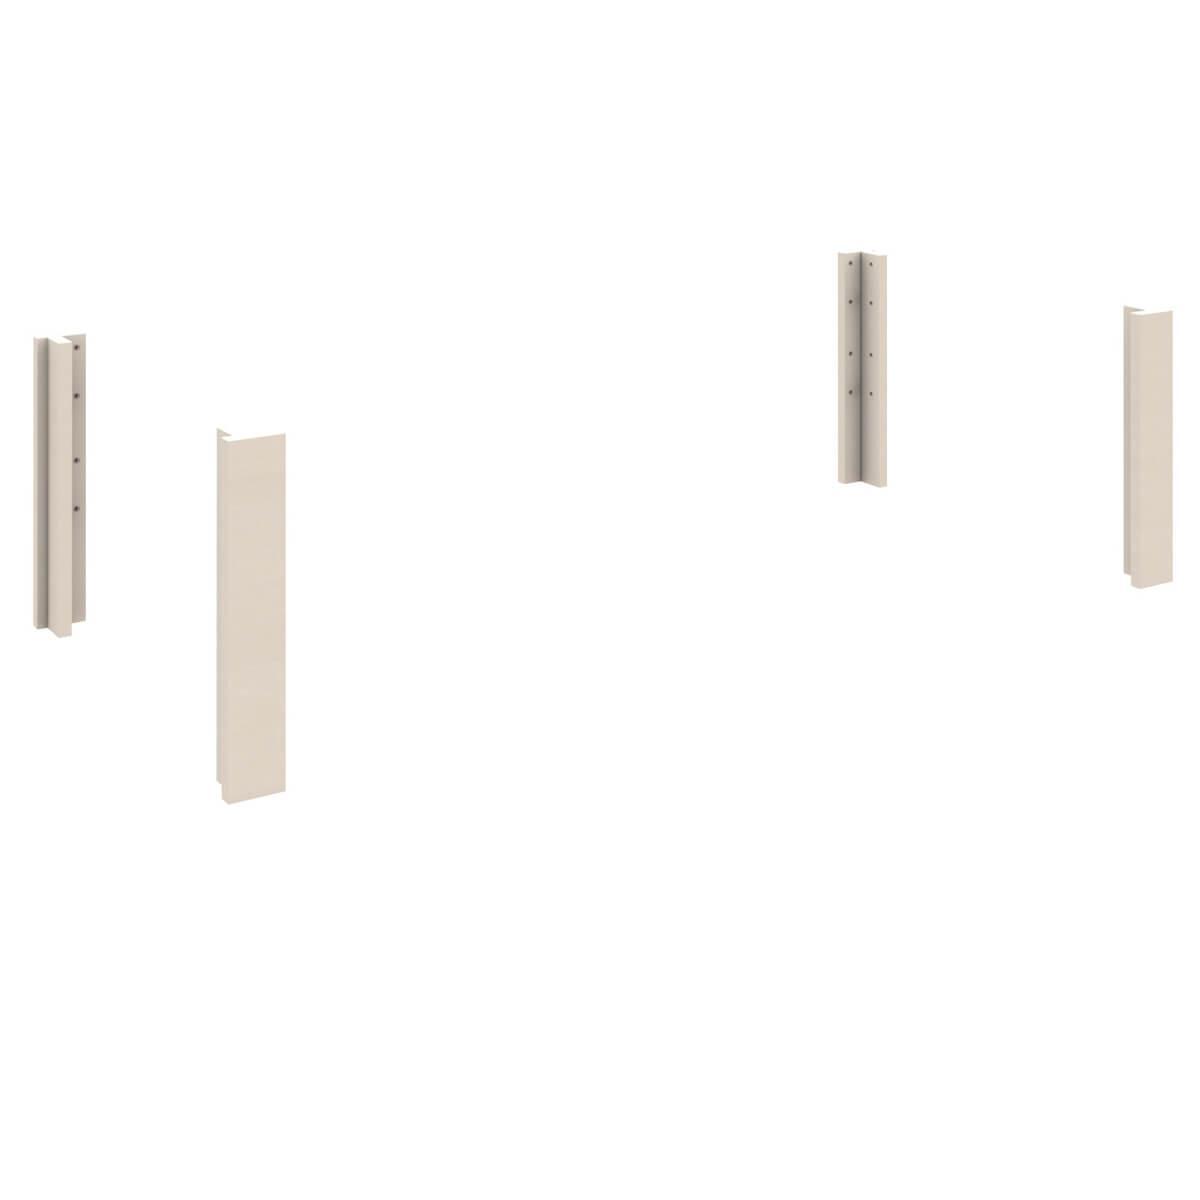 Umbausatz Hochbett-Jugendliege 4 kleine Eckpfosten DESTYLE de Breuyn Buche massiv weiß gebeizt-lackiert